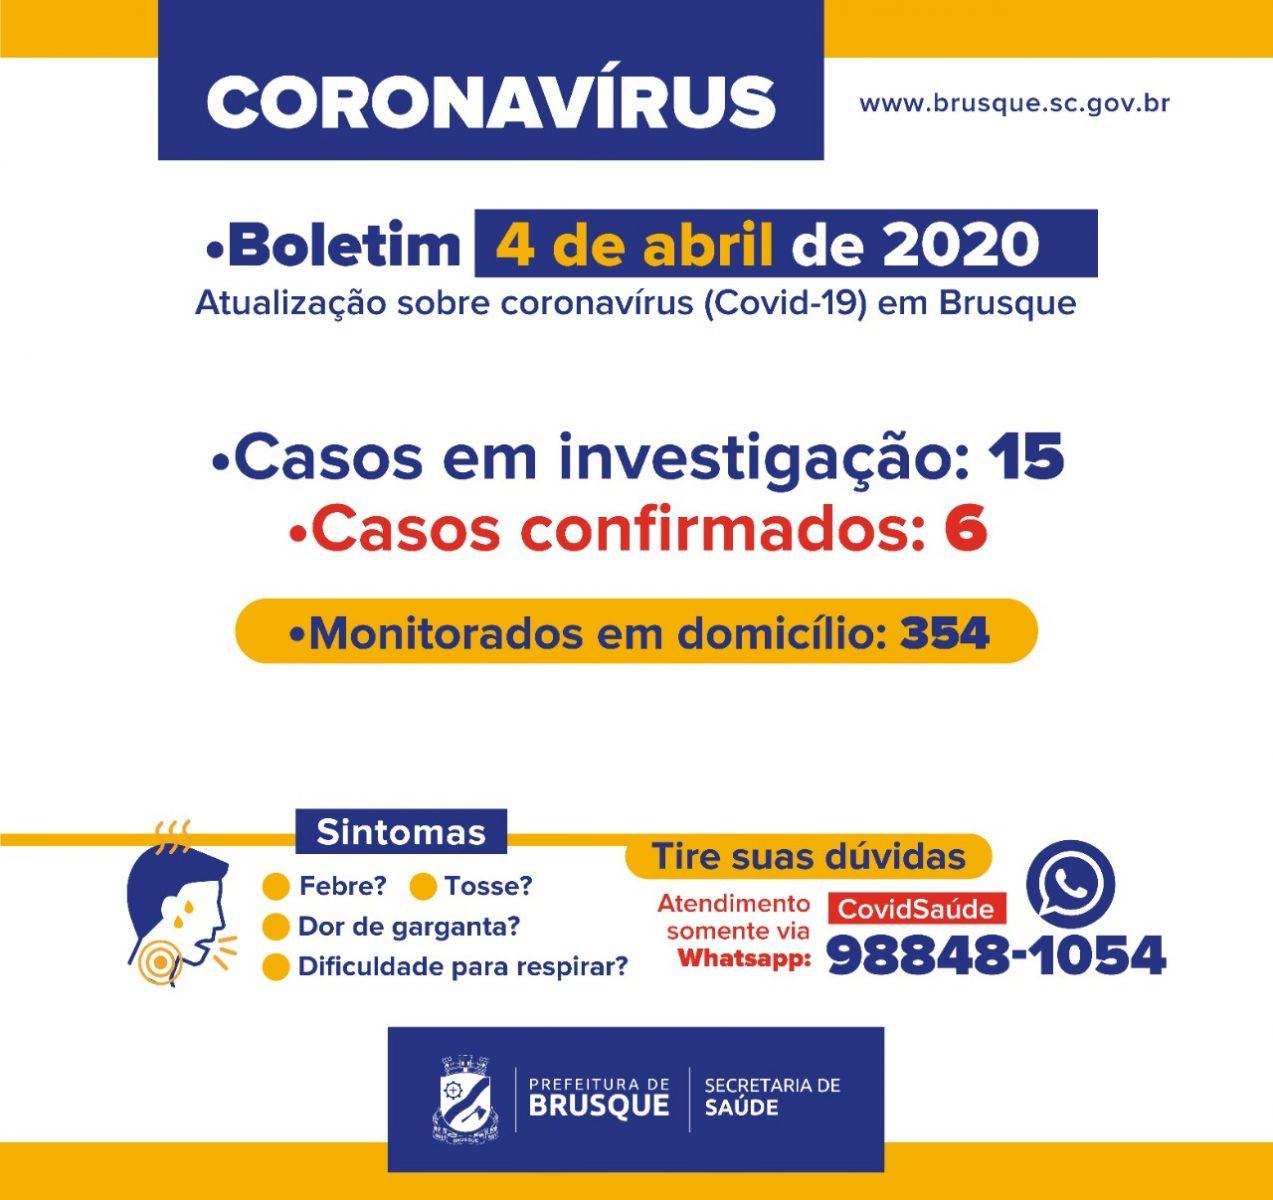 Mais dois casos confirmados de coronavírus em Brusque. Ao todo, seis já foram diagnosticados